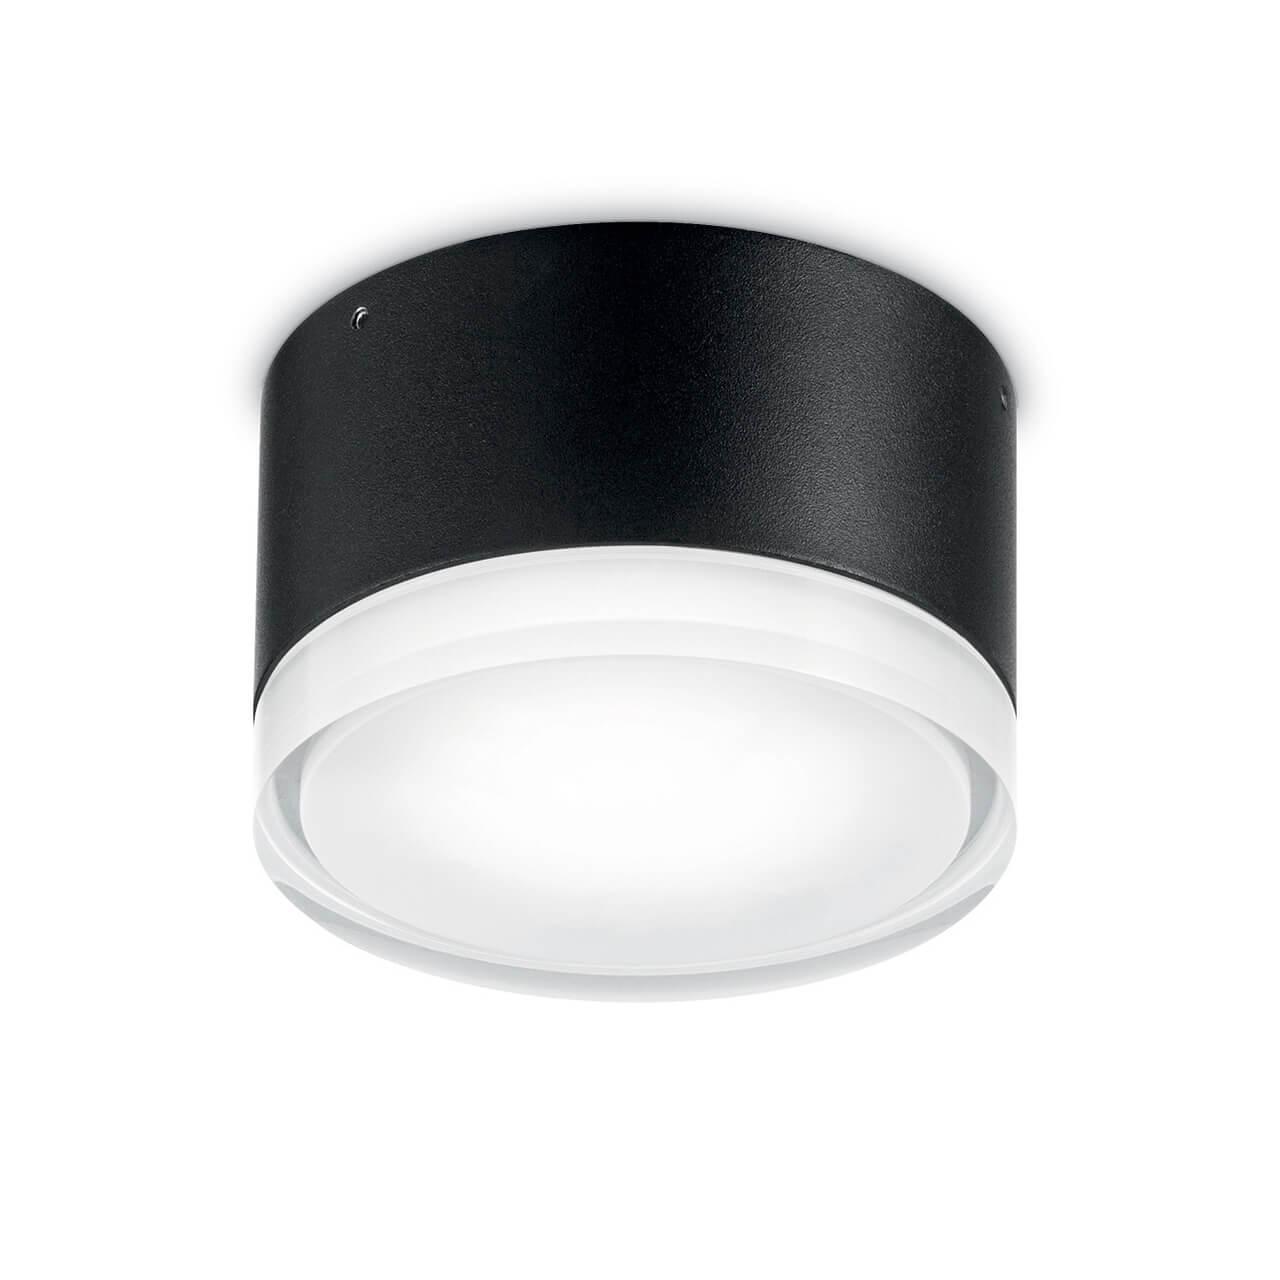 Уличный светильник Ideal Lux Urano PL1 Small Nero